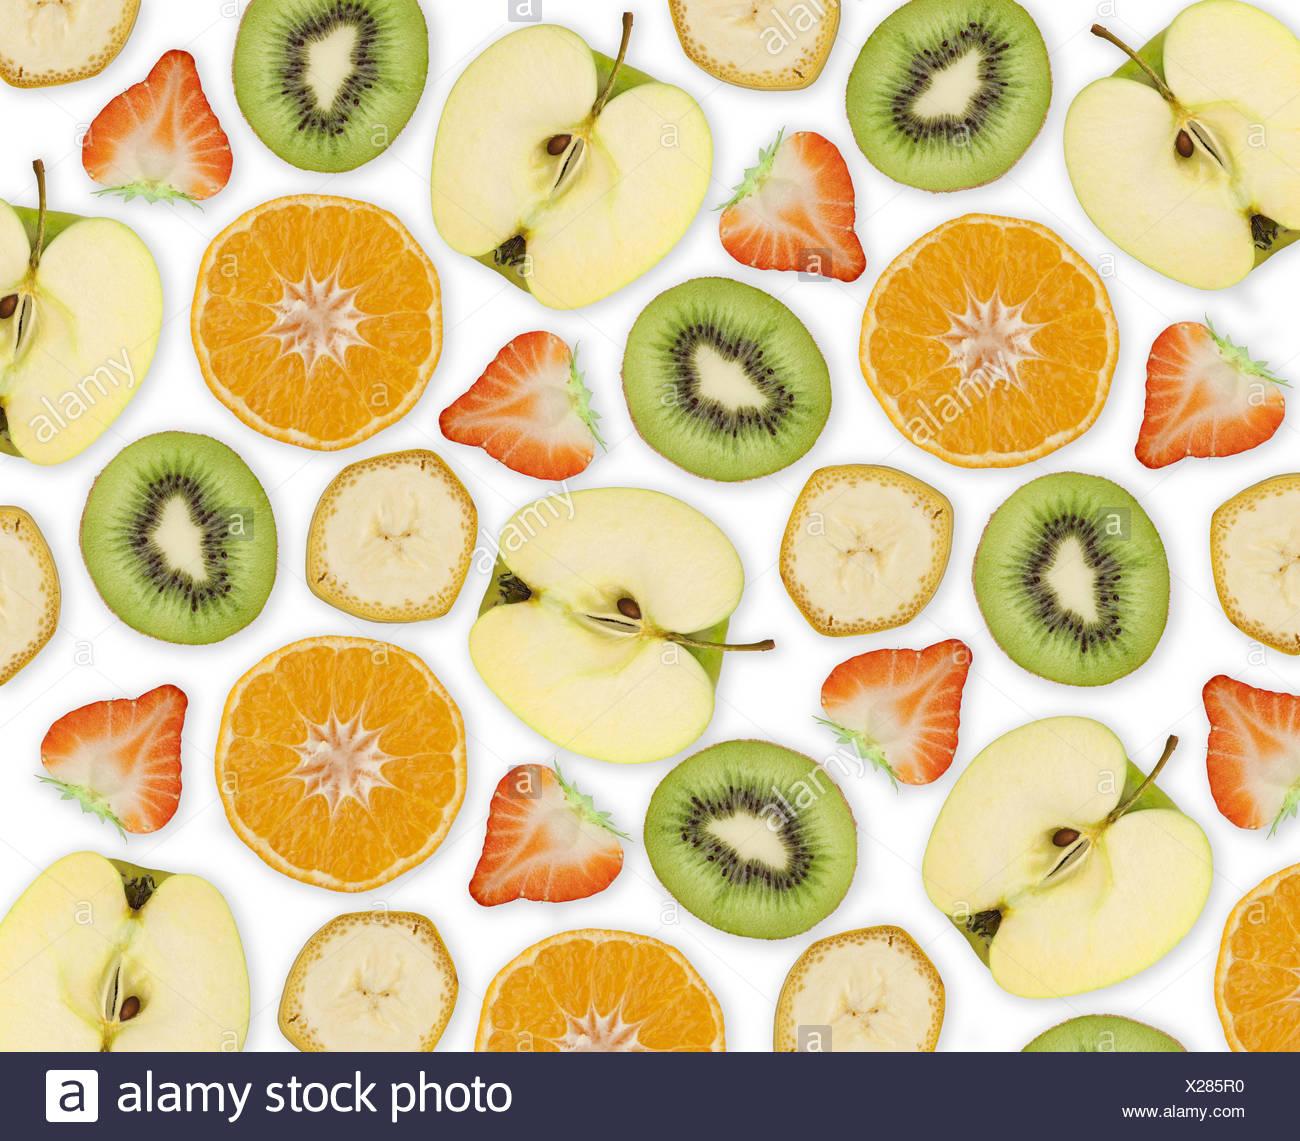 Fruit, apple, strawberry, orange, kiwi, banana, cut open, - Stock Image